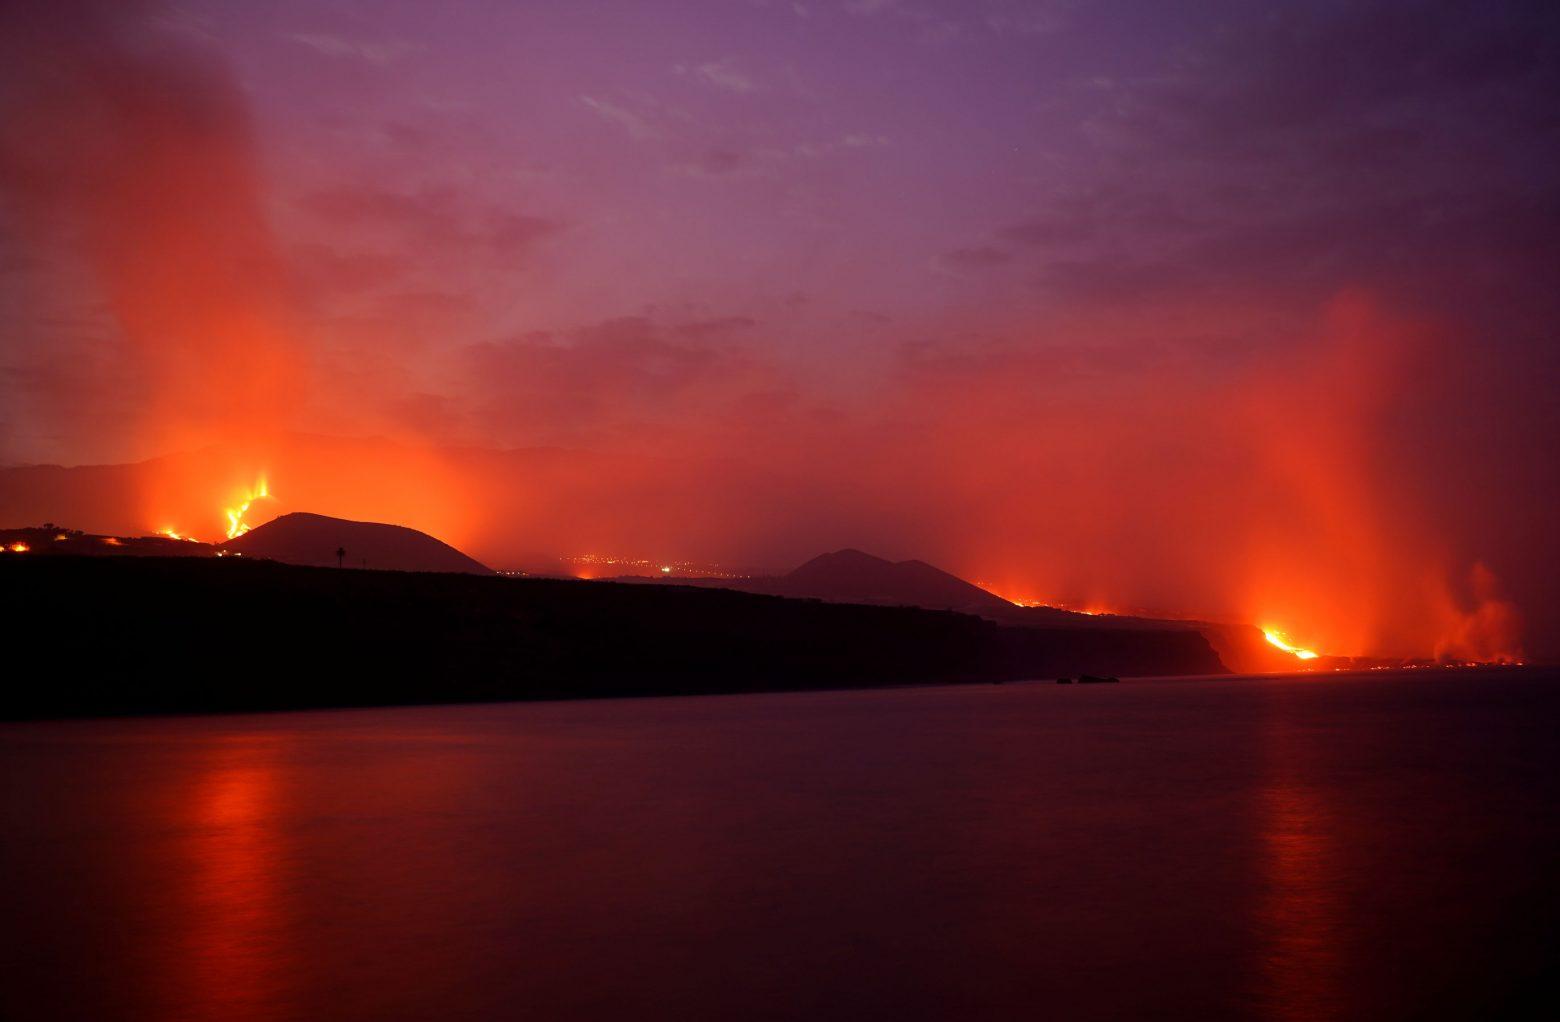 Λα Πάλμα – Ποτάμια λάβας καταλήγουν στον Ατλαντικό μετά από την έκρηξη του ηφαιστείου